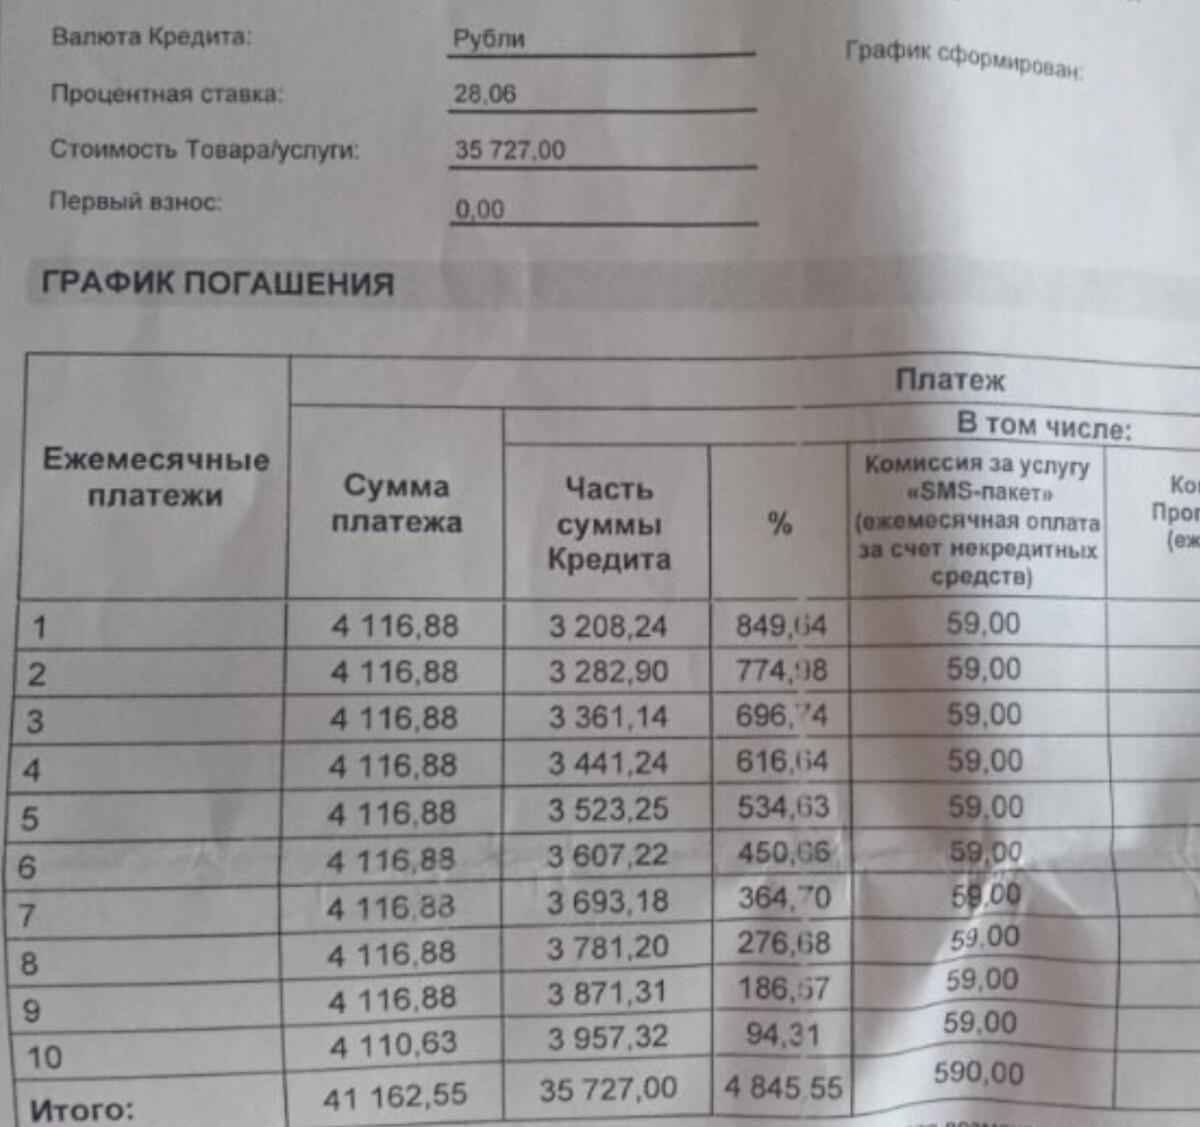 беспроцентный кредит на технику северо-западный банк пао сбербанк г санкт-петербург официальный сайт адрес